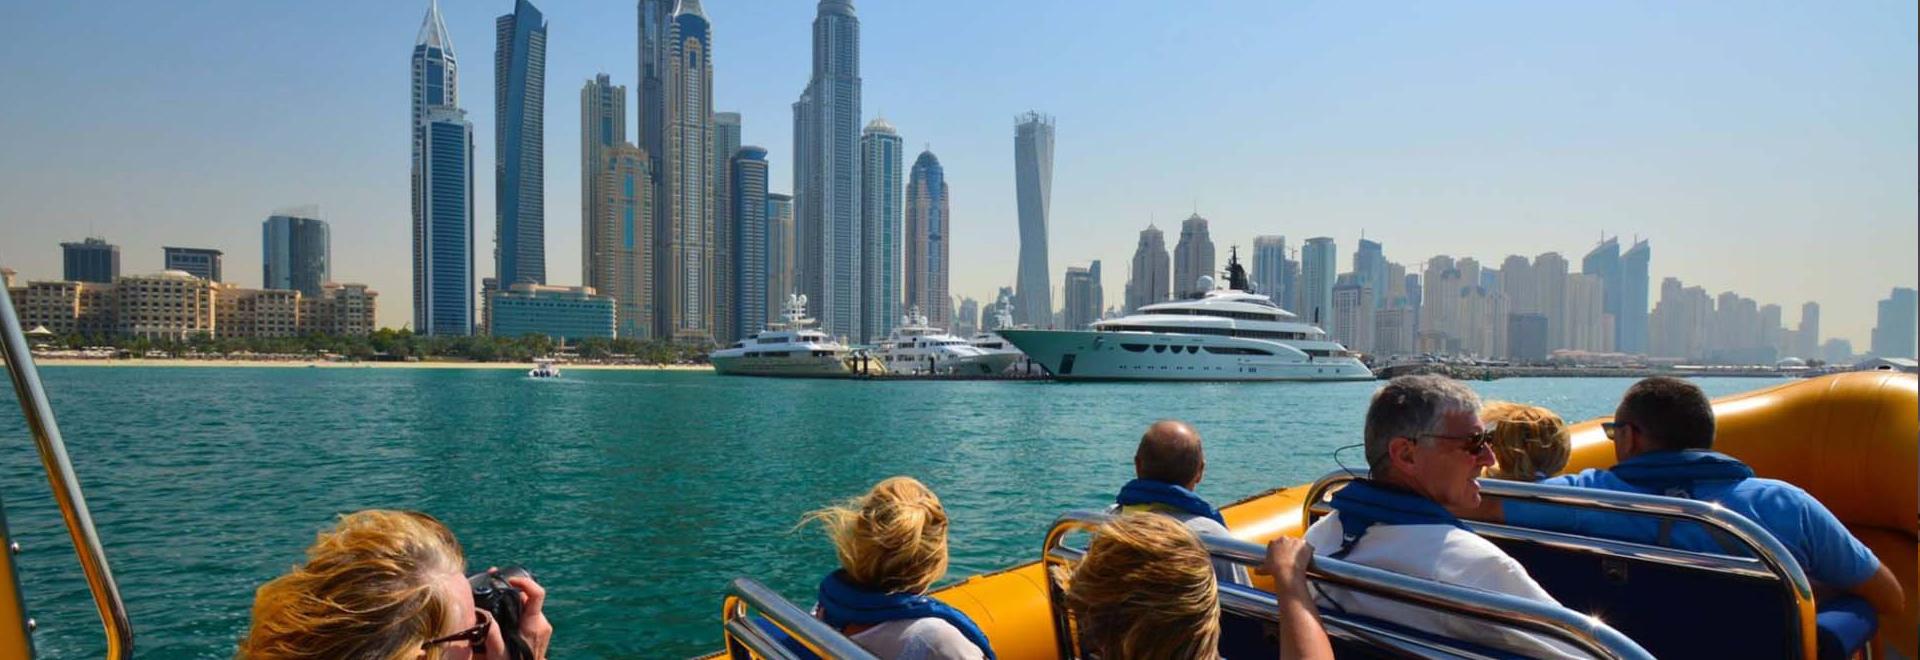 Dubai cruise Tour